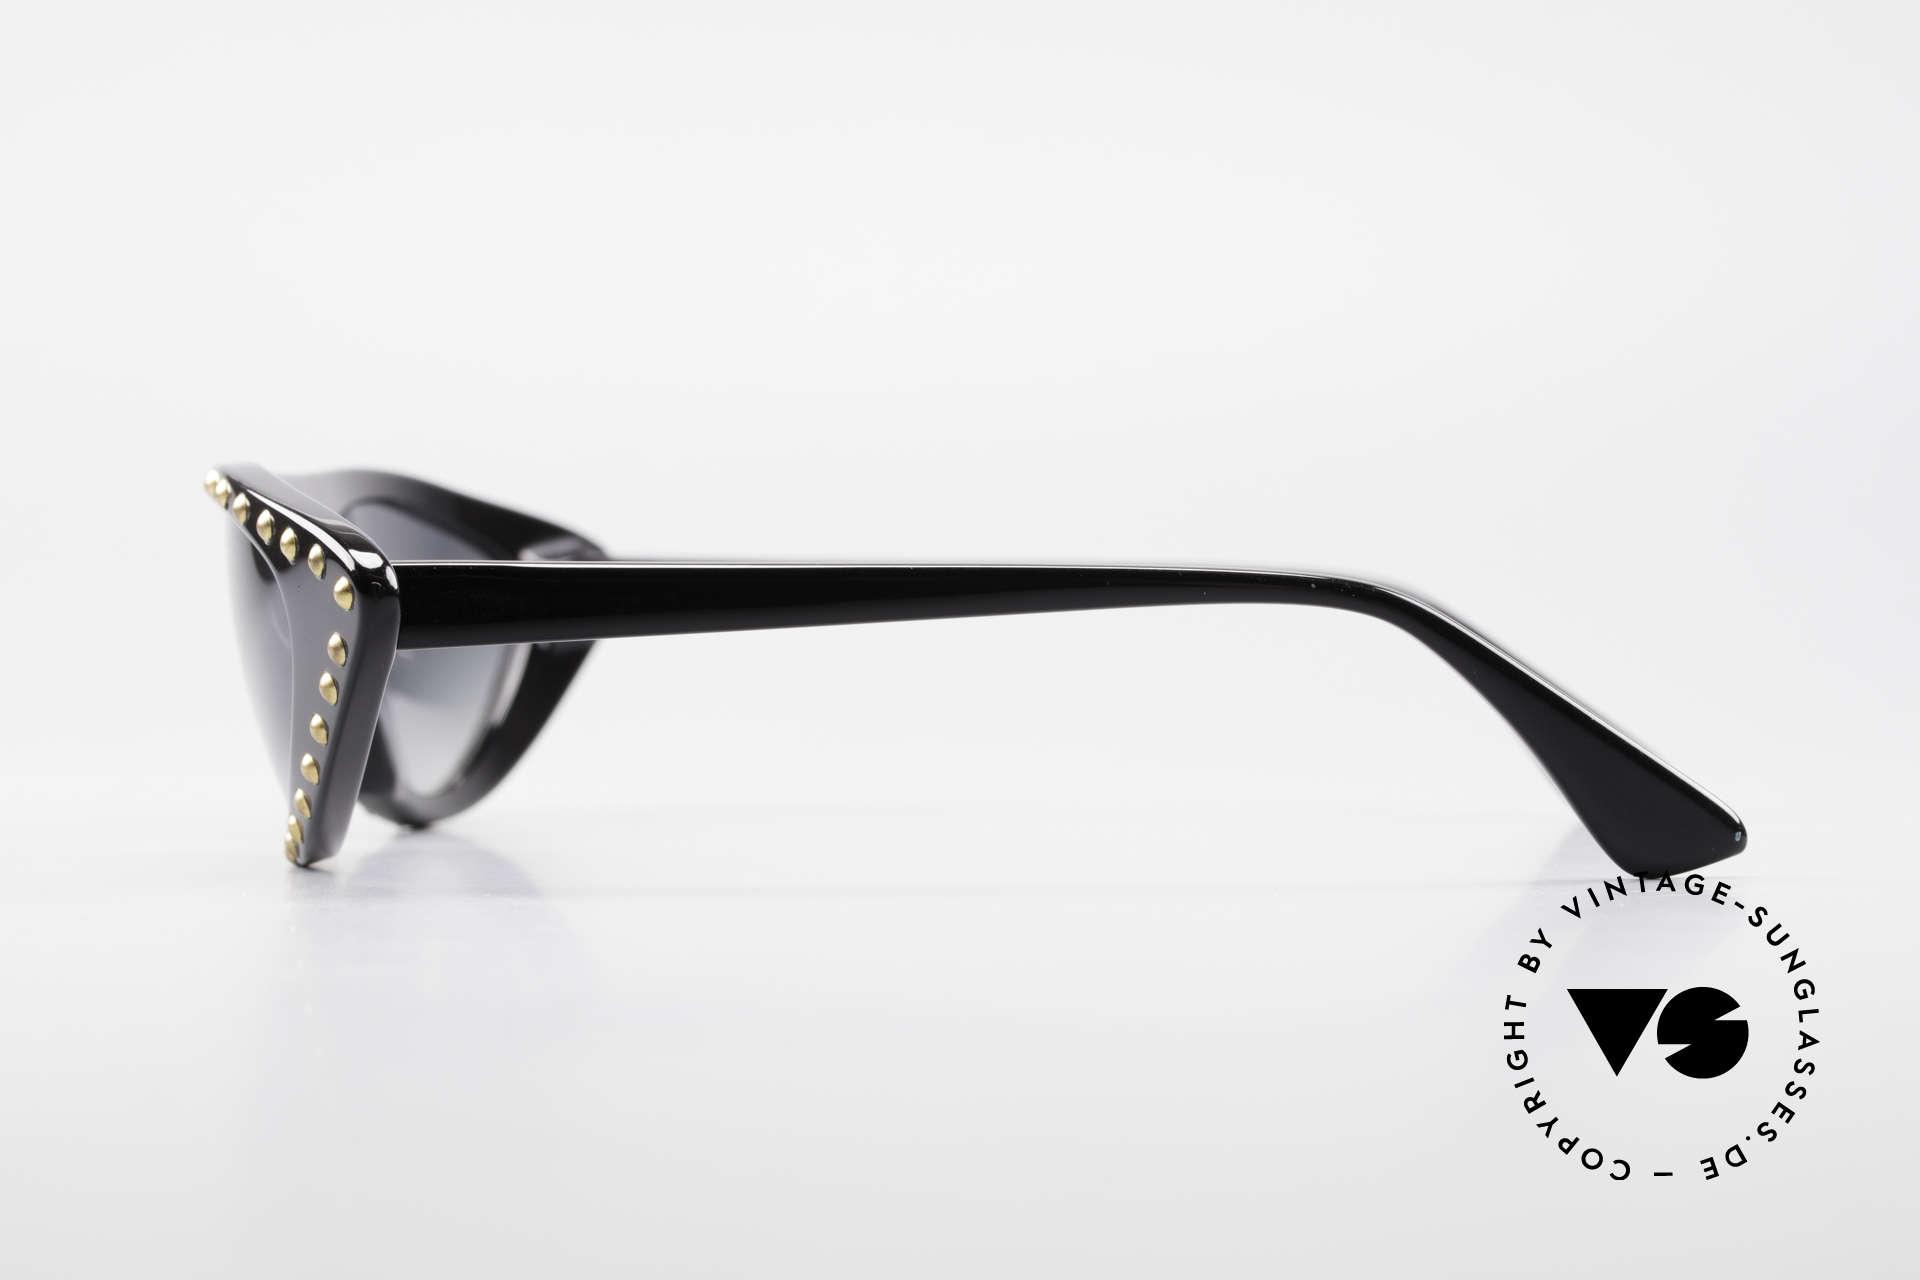 Patrick Kelly Pirate 22 80er Haute Couture Brille, er war der erste Ami der franz. Féd. Haute Couture, Passend für Damen